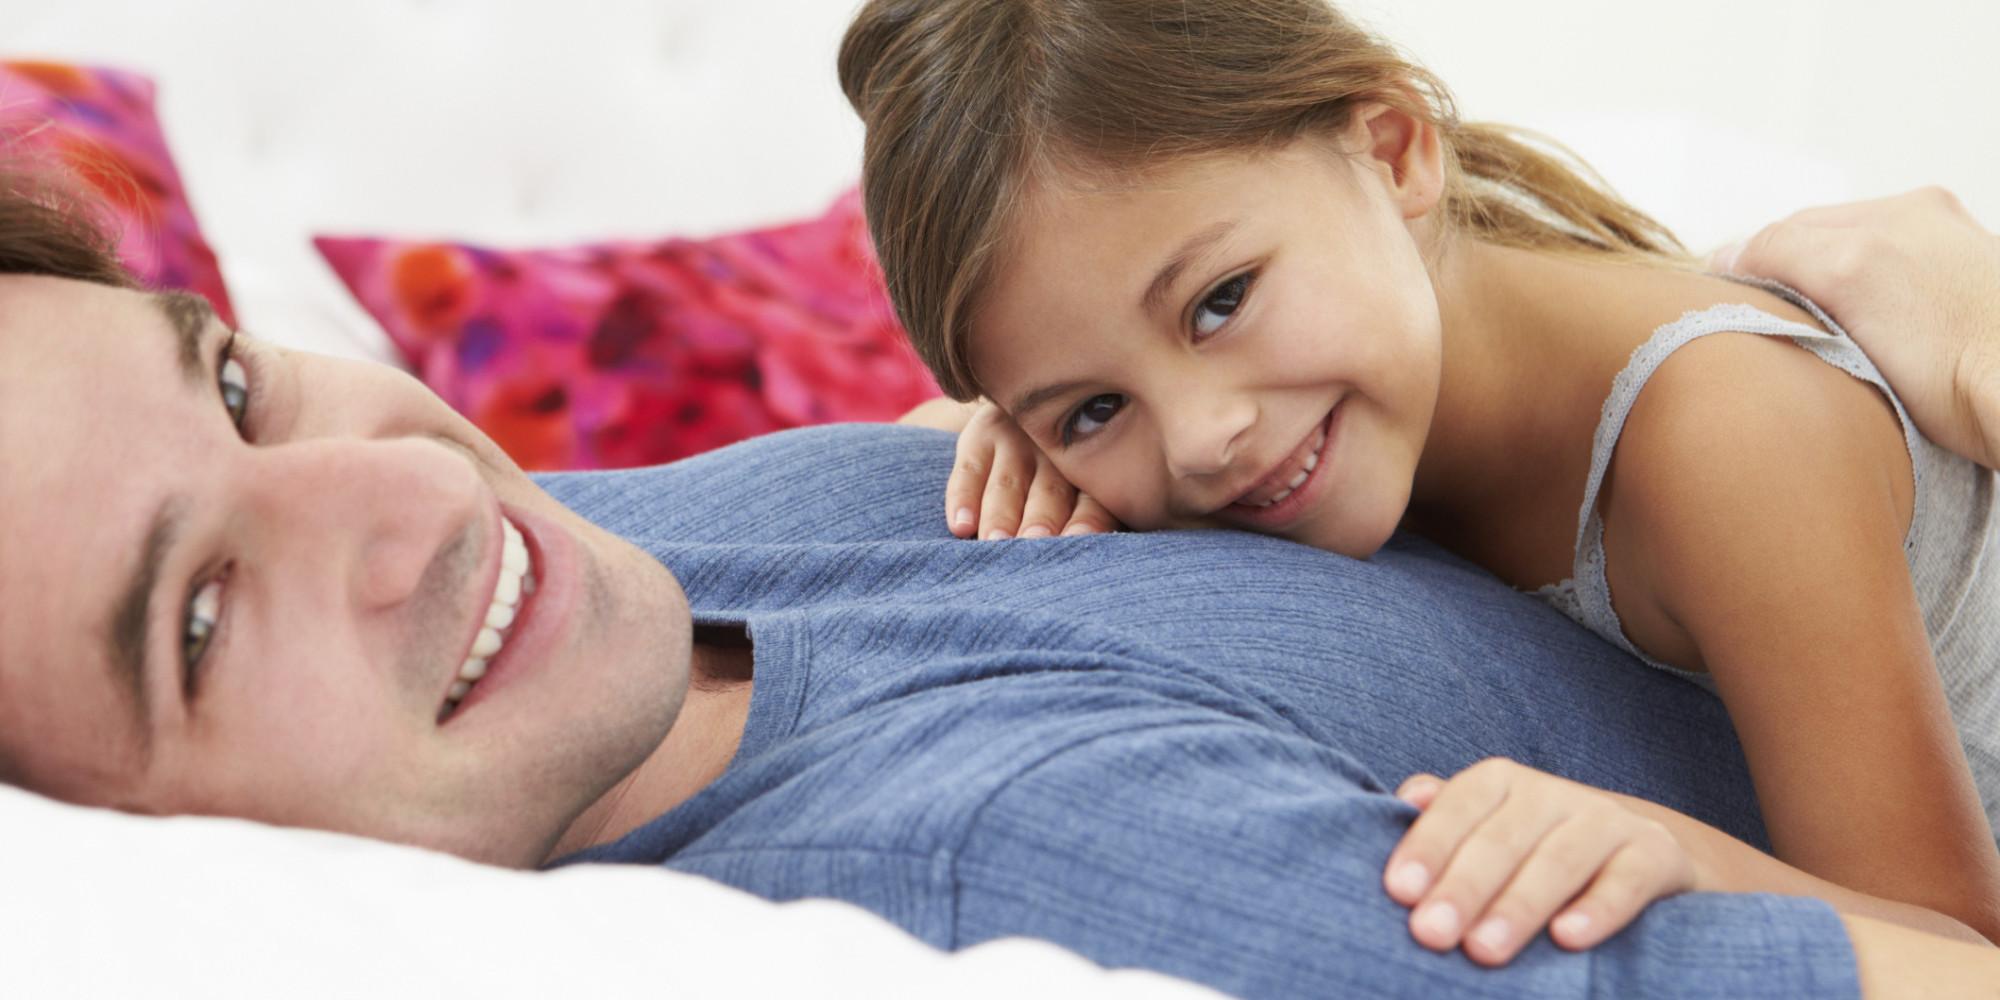 Wer wrde seine Stieftochter, natrlich volljhrig, gerne